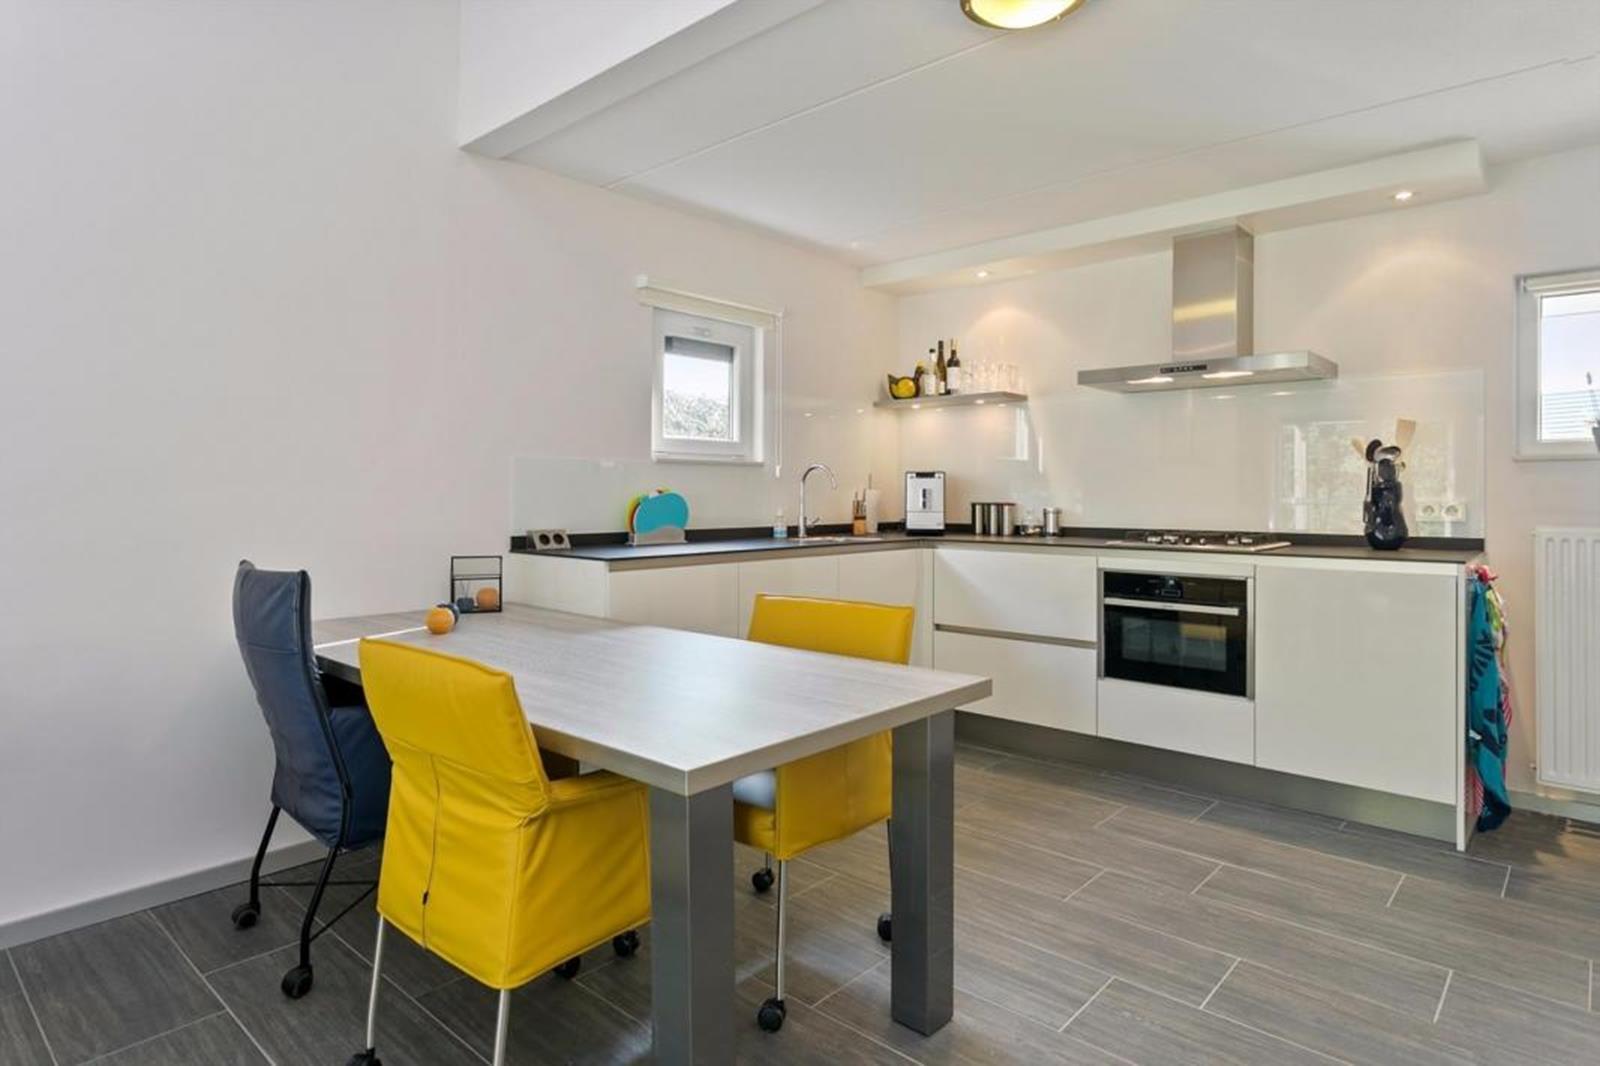 Vakantiehuis te koop Ouddorp WD31 021.jpg